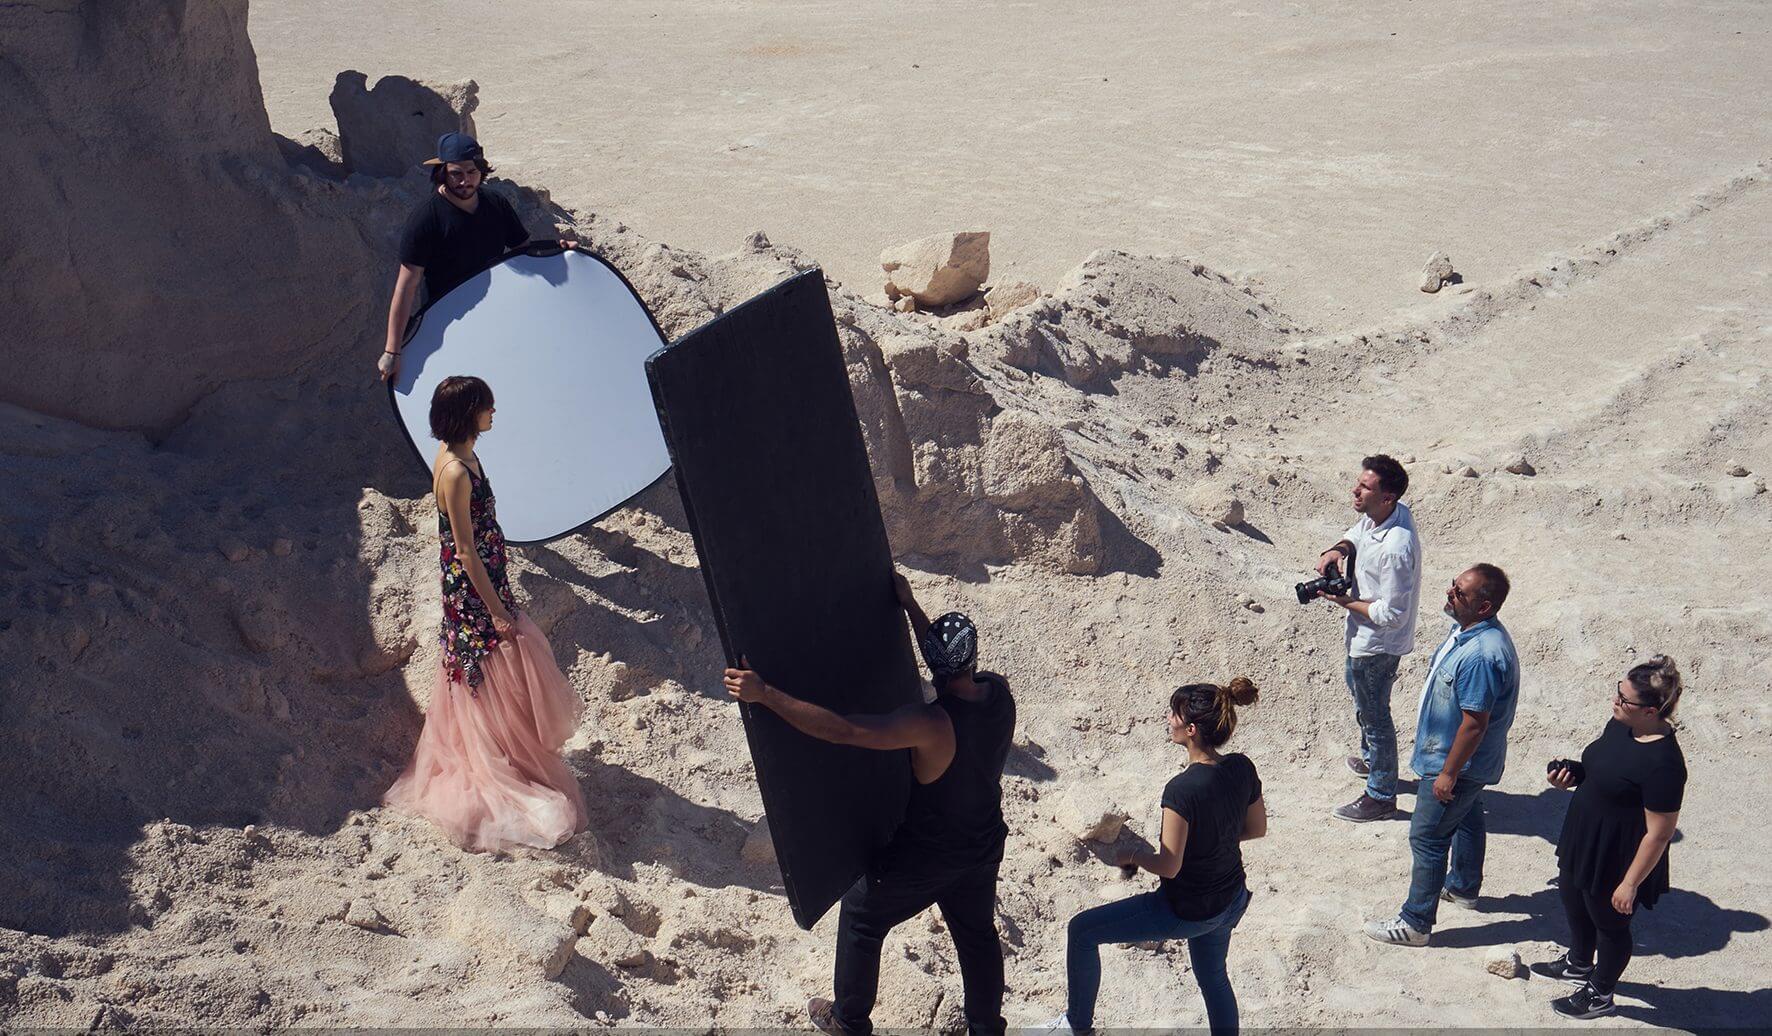 Fotografos y asistentes trabajando en una sesion de fotos de moda en exteriores